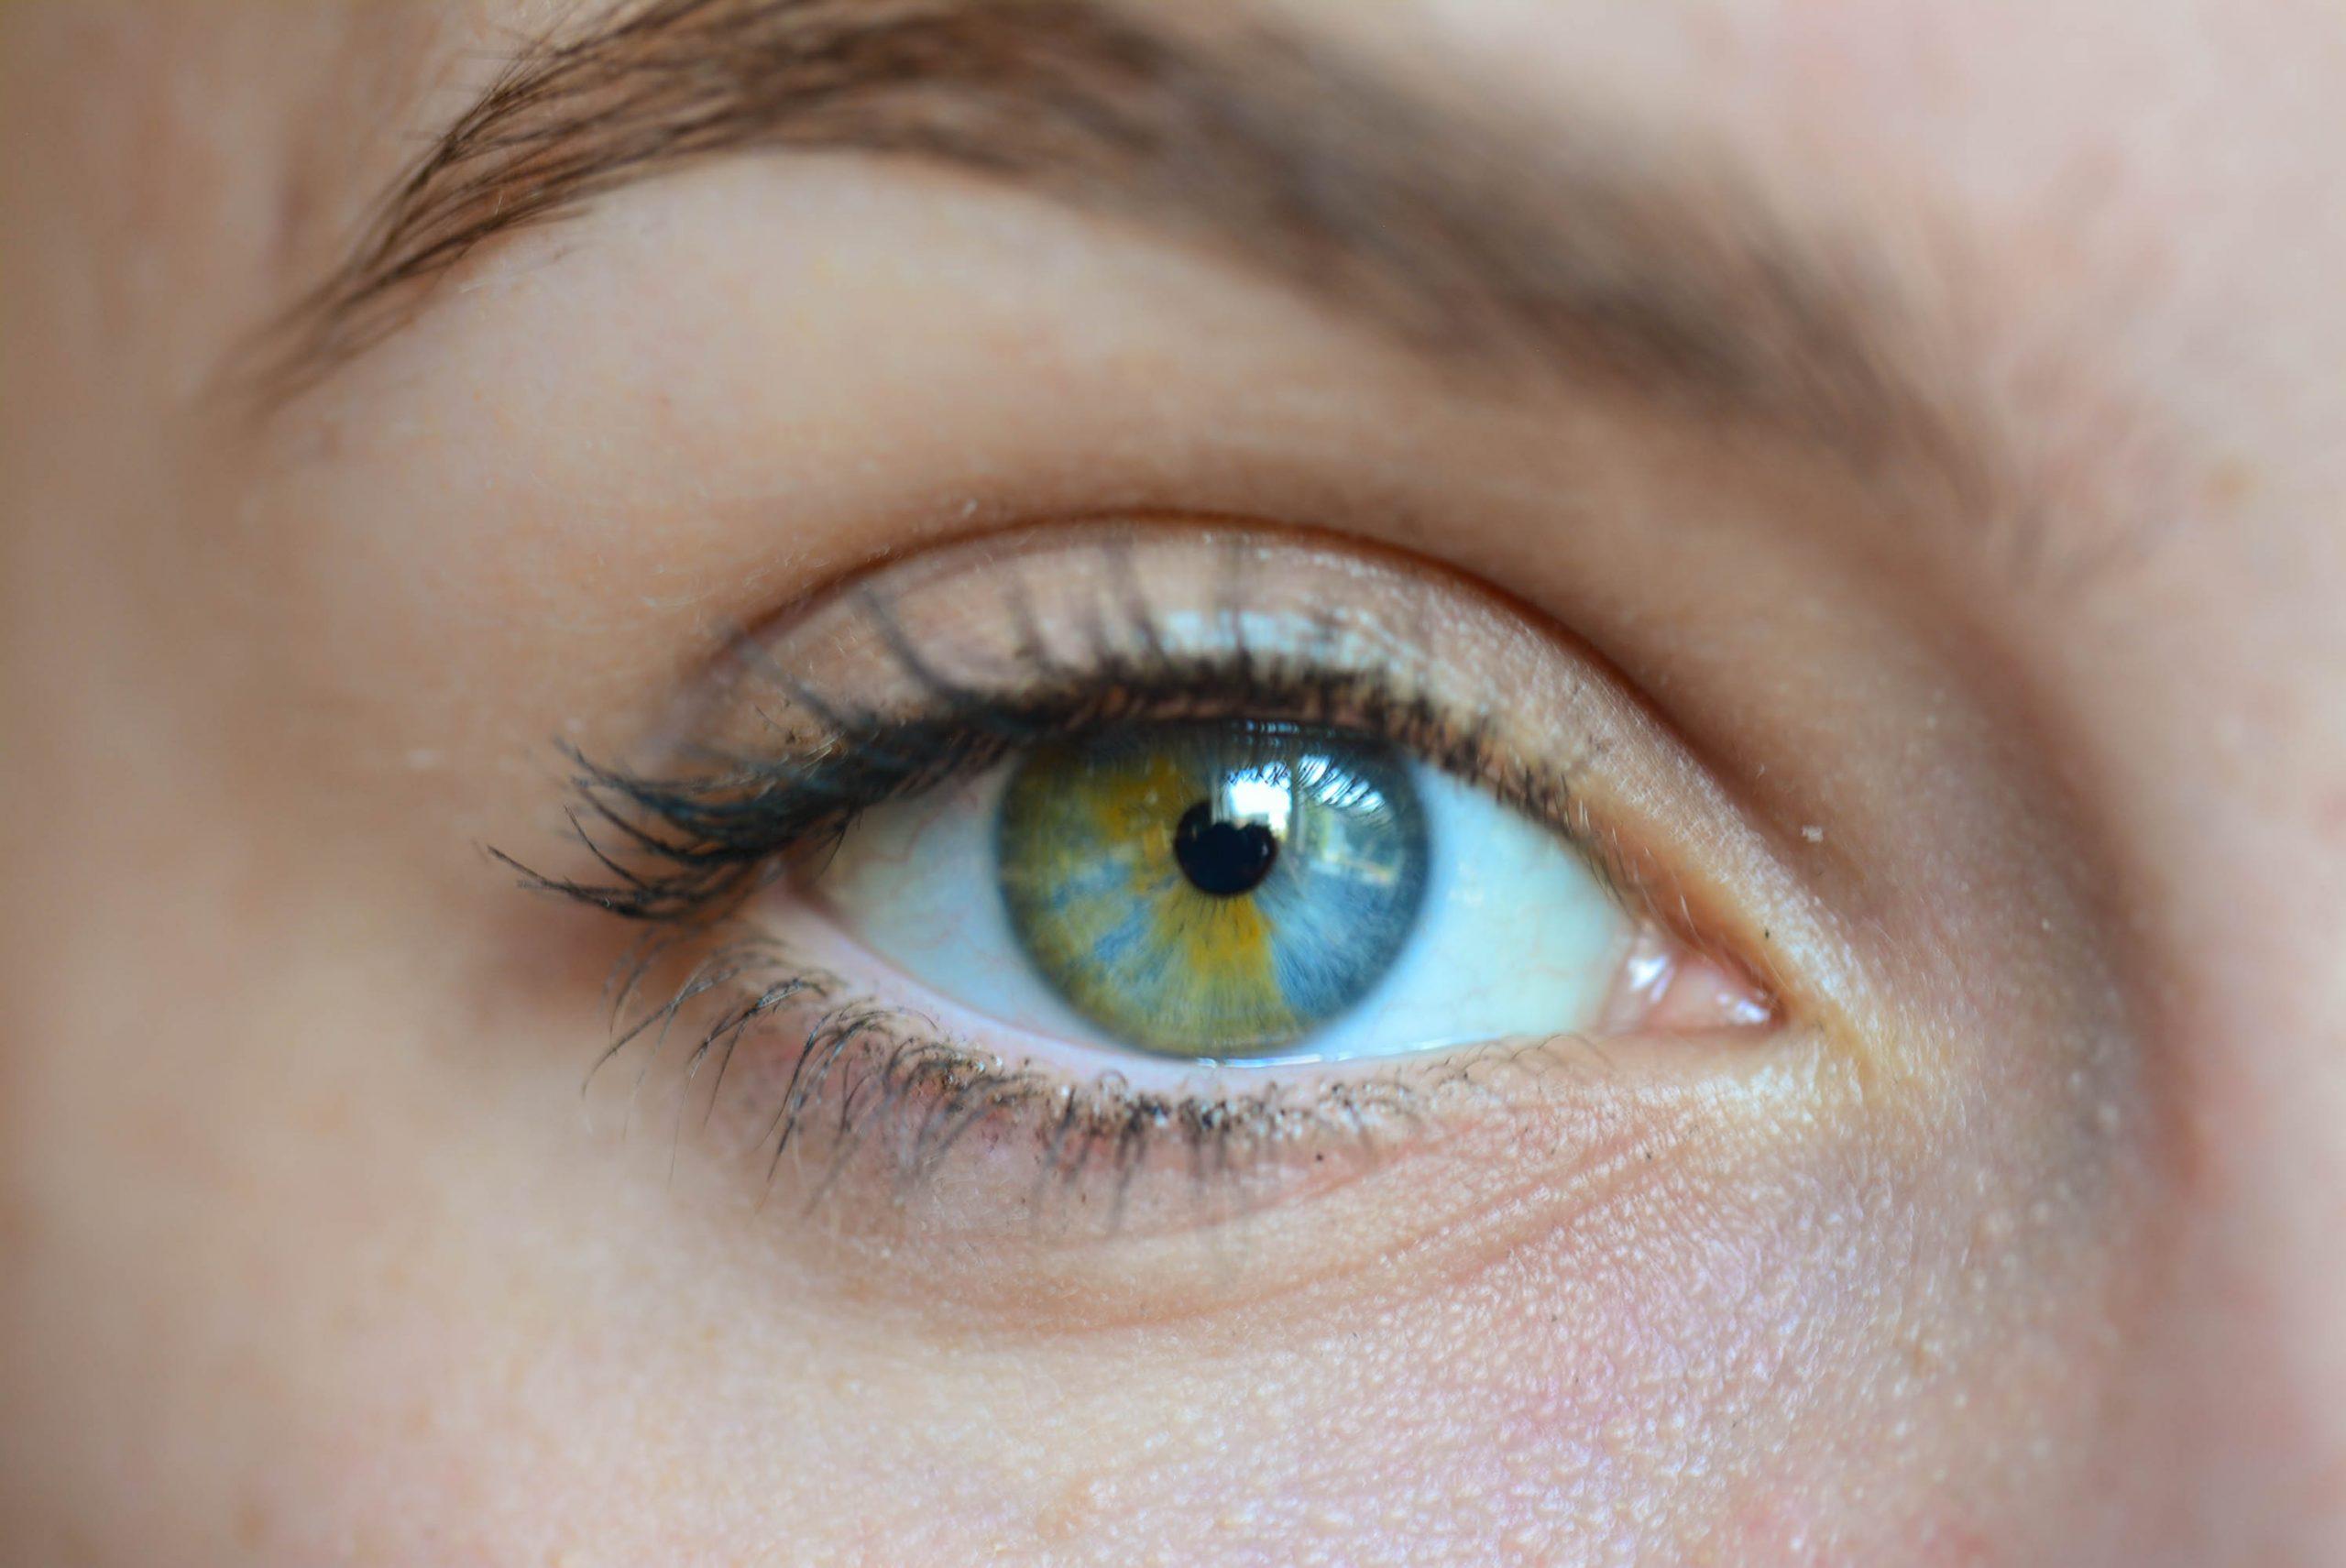 #8 | Những đột biến đẹp ma mị: 15 bức ảnh về những đôi mắt loạn sắc hút hồn | Brain Berries